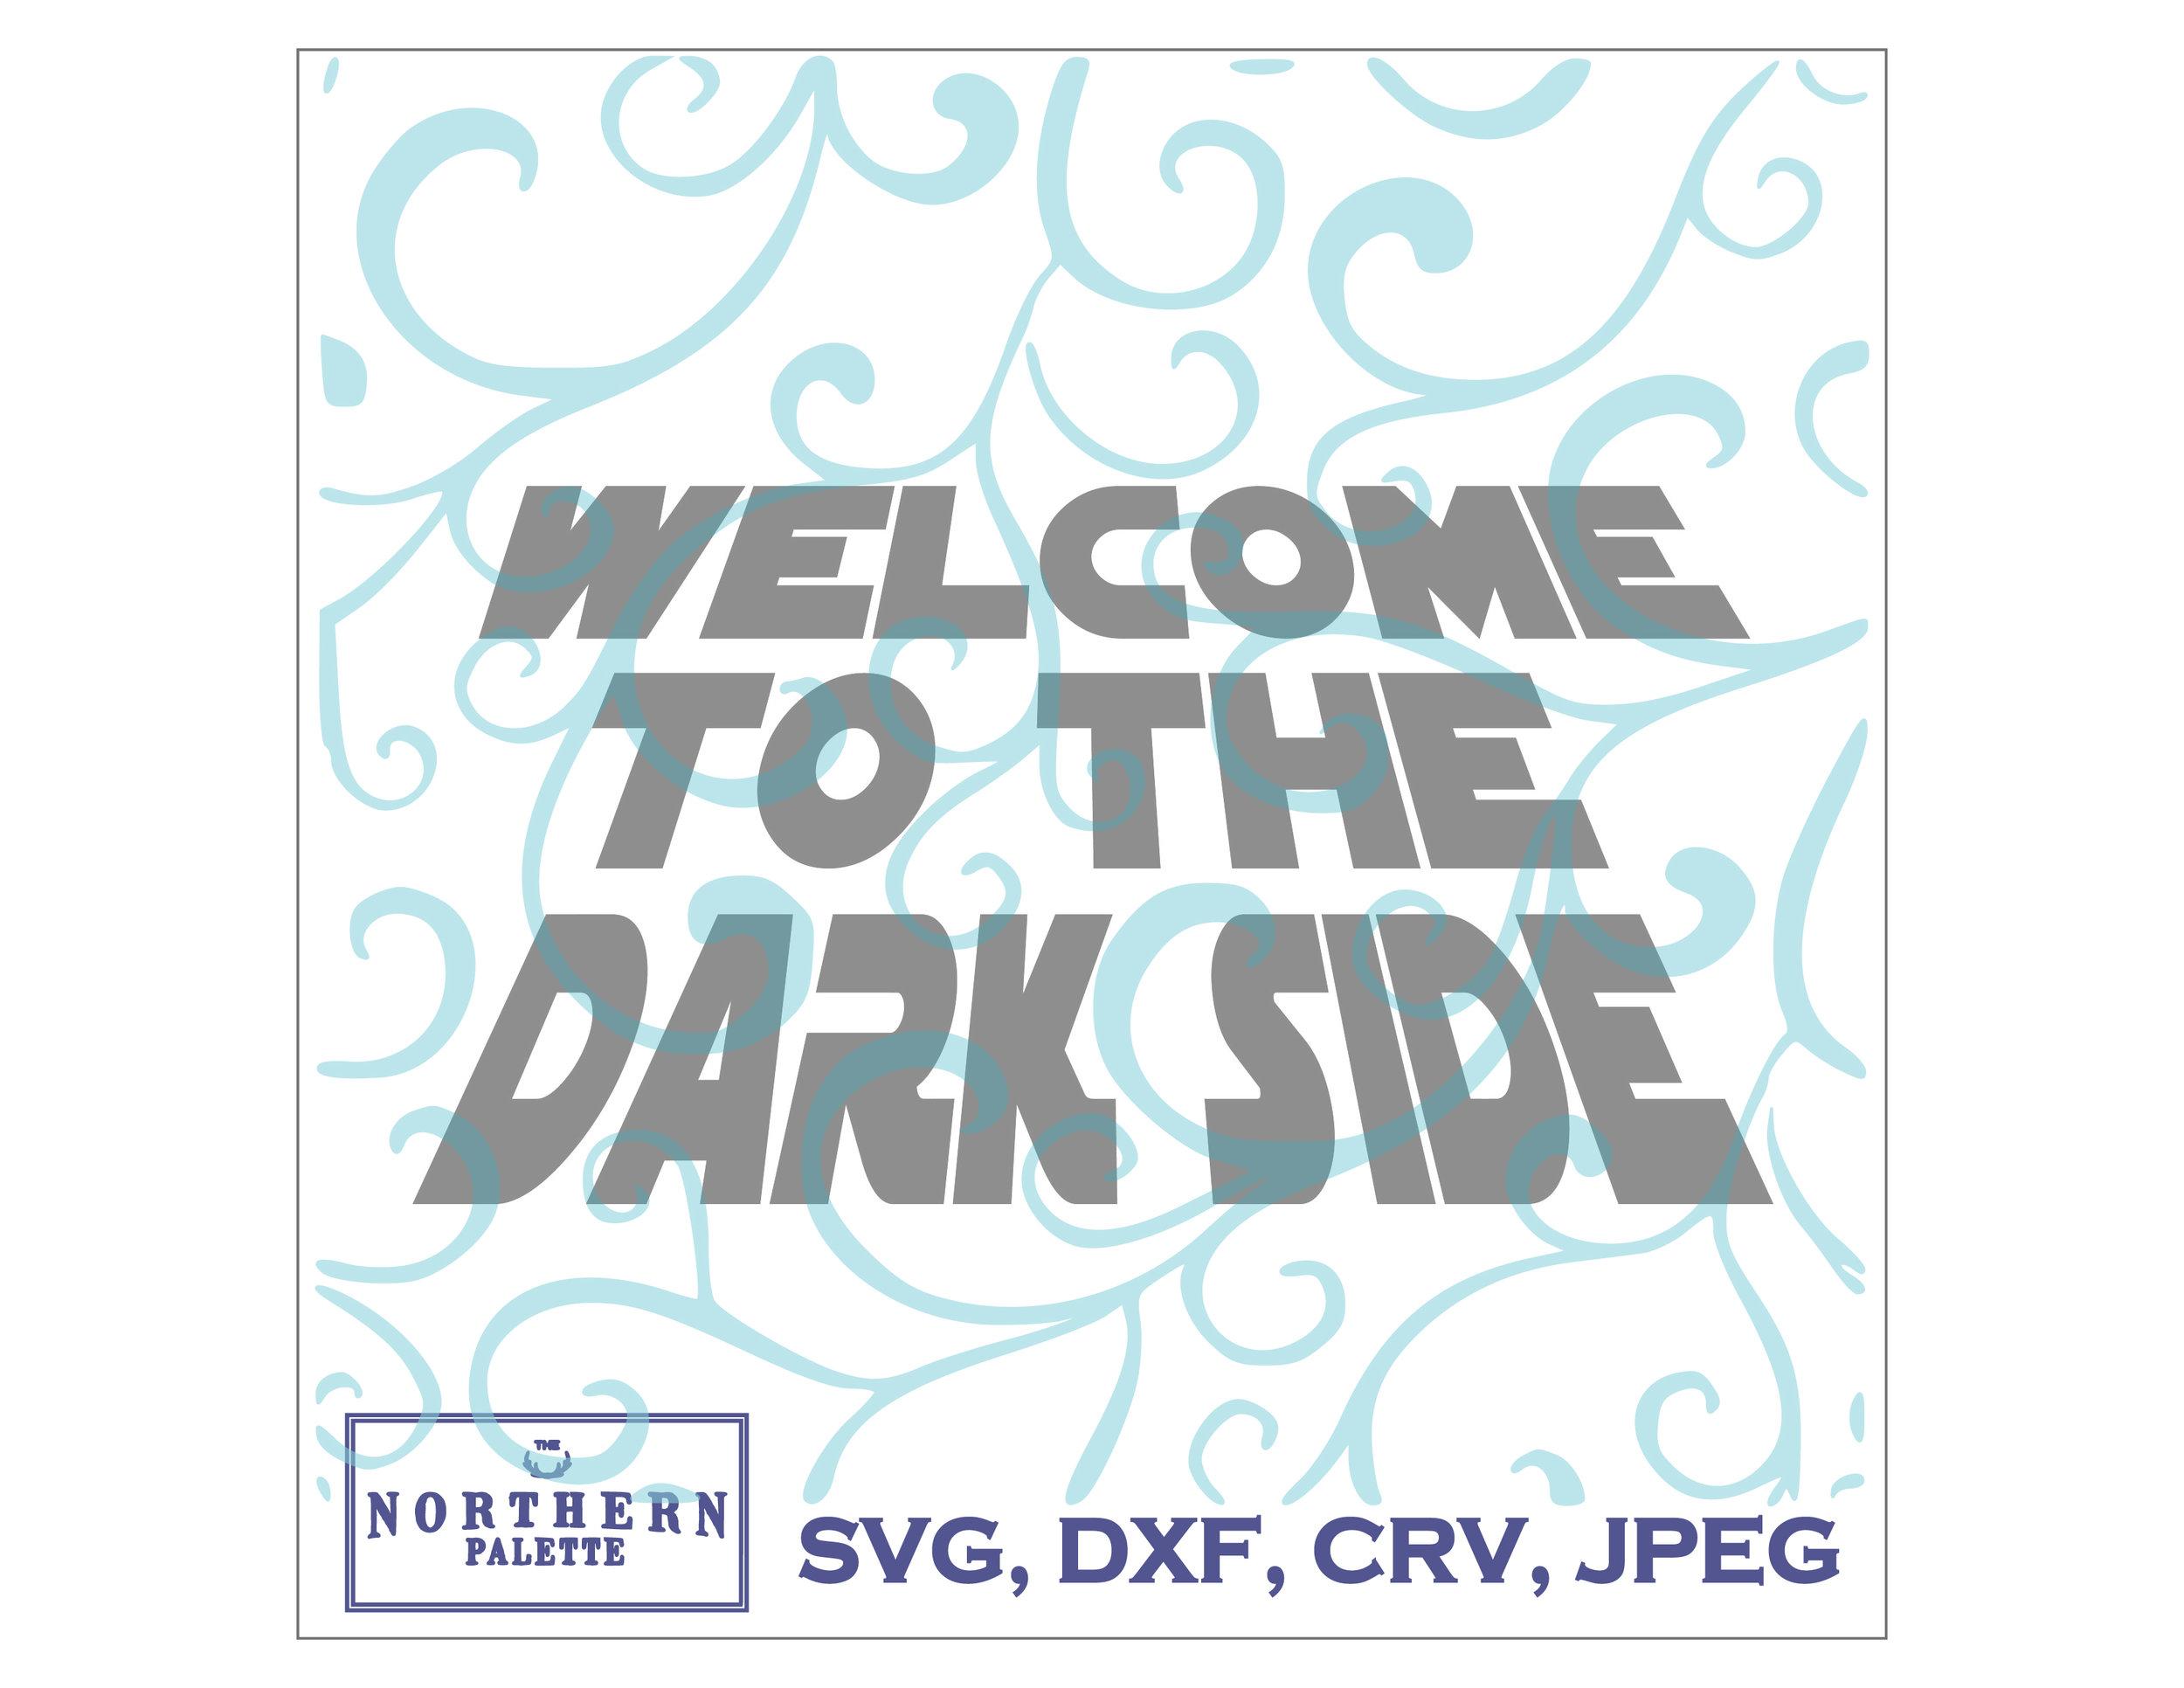 dark side wat.jpg